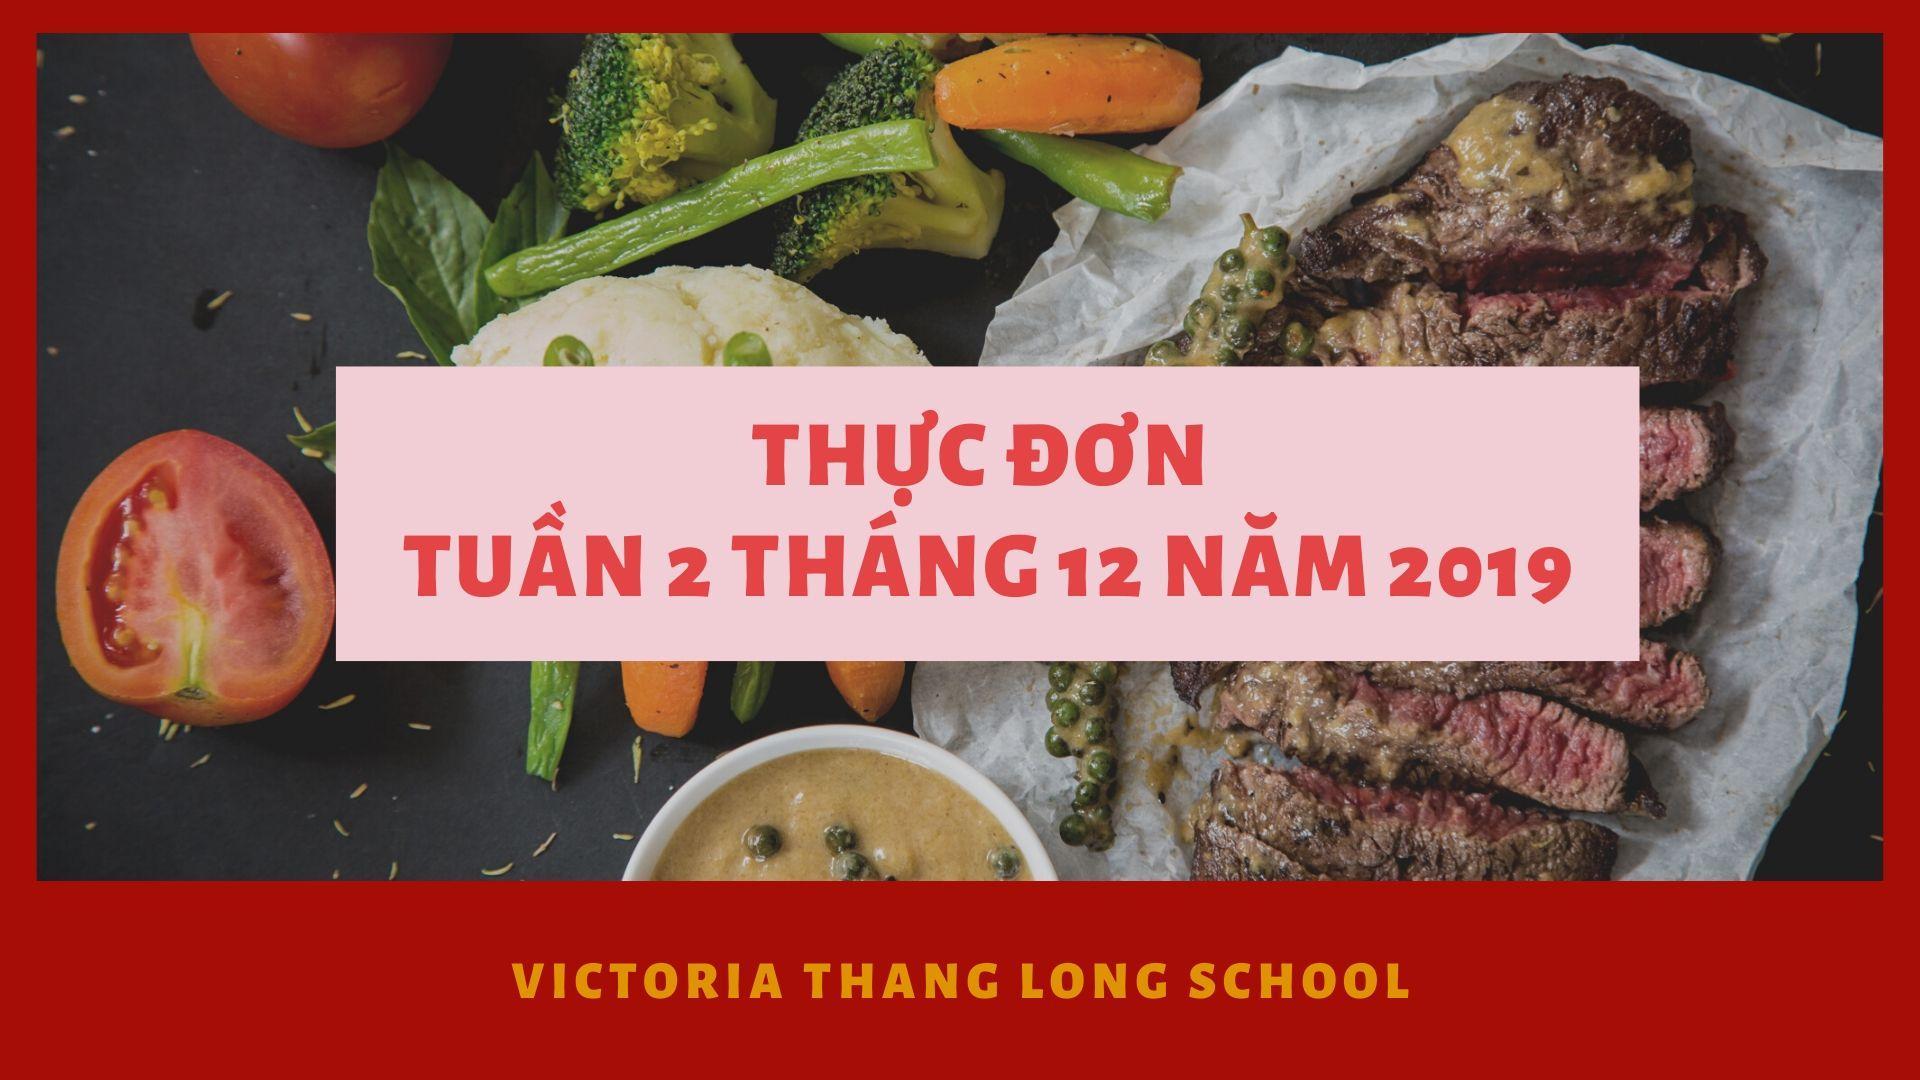 Thực đơn tuần 2 tháng 2 năm 2019 tại Victoria Thăng Long